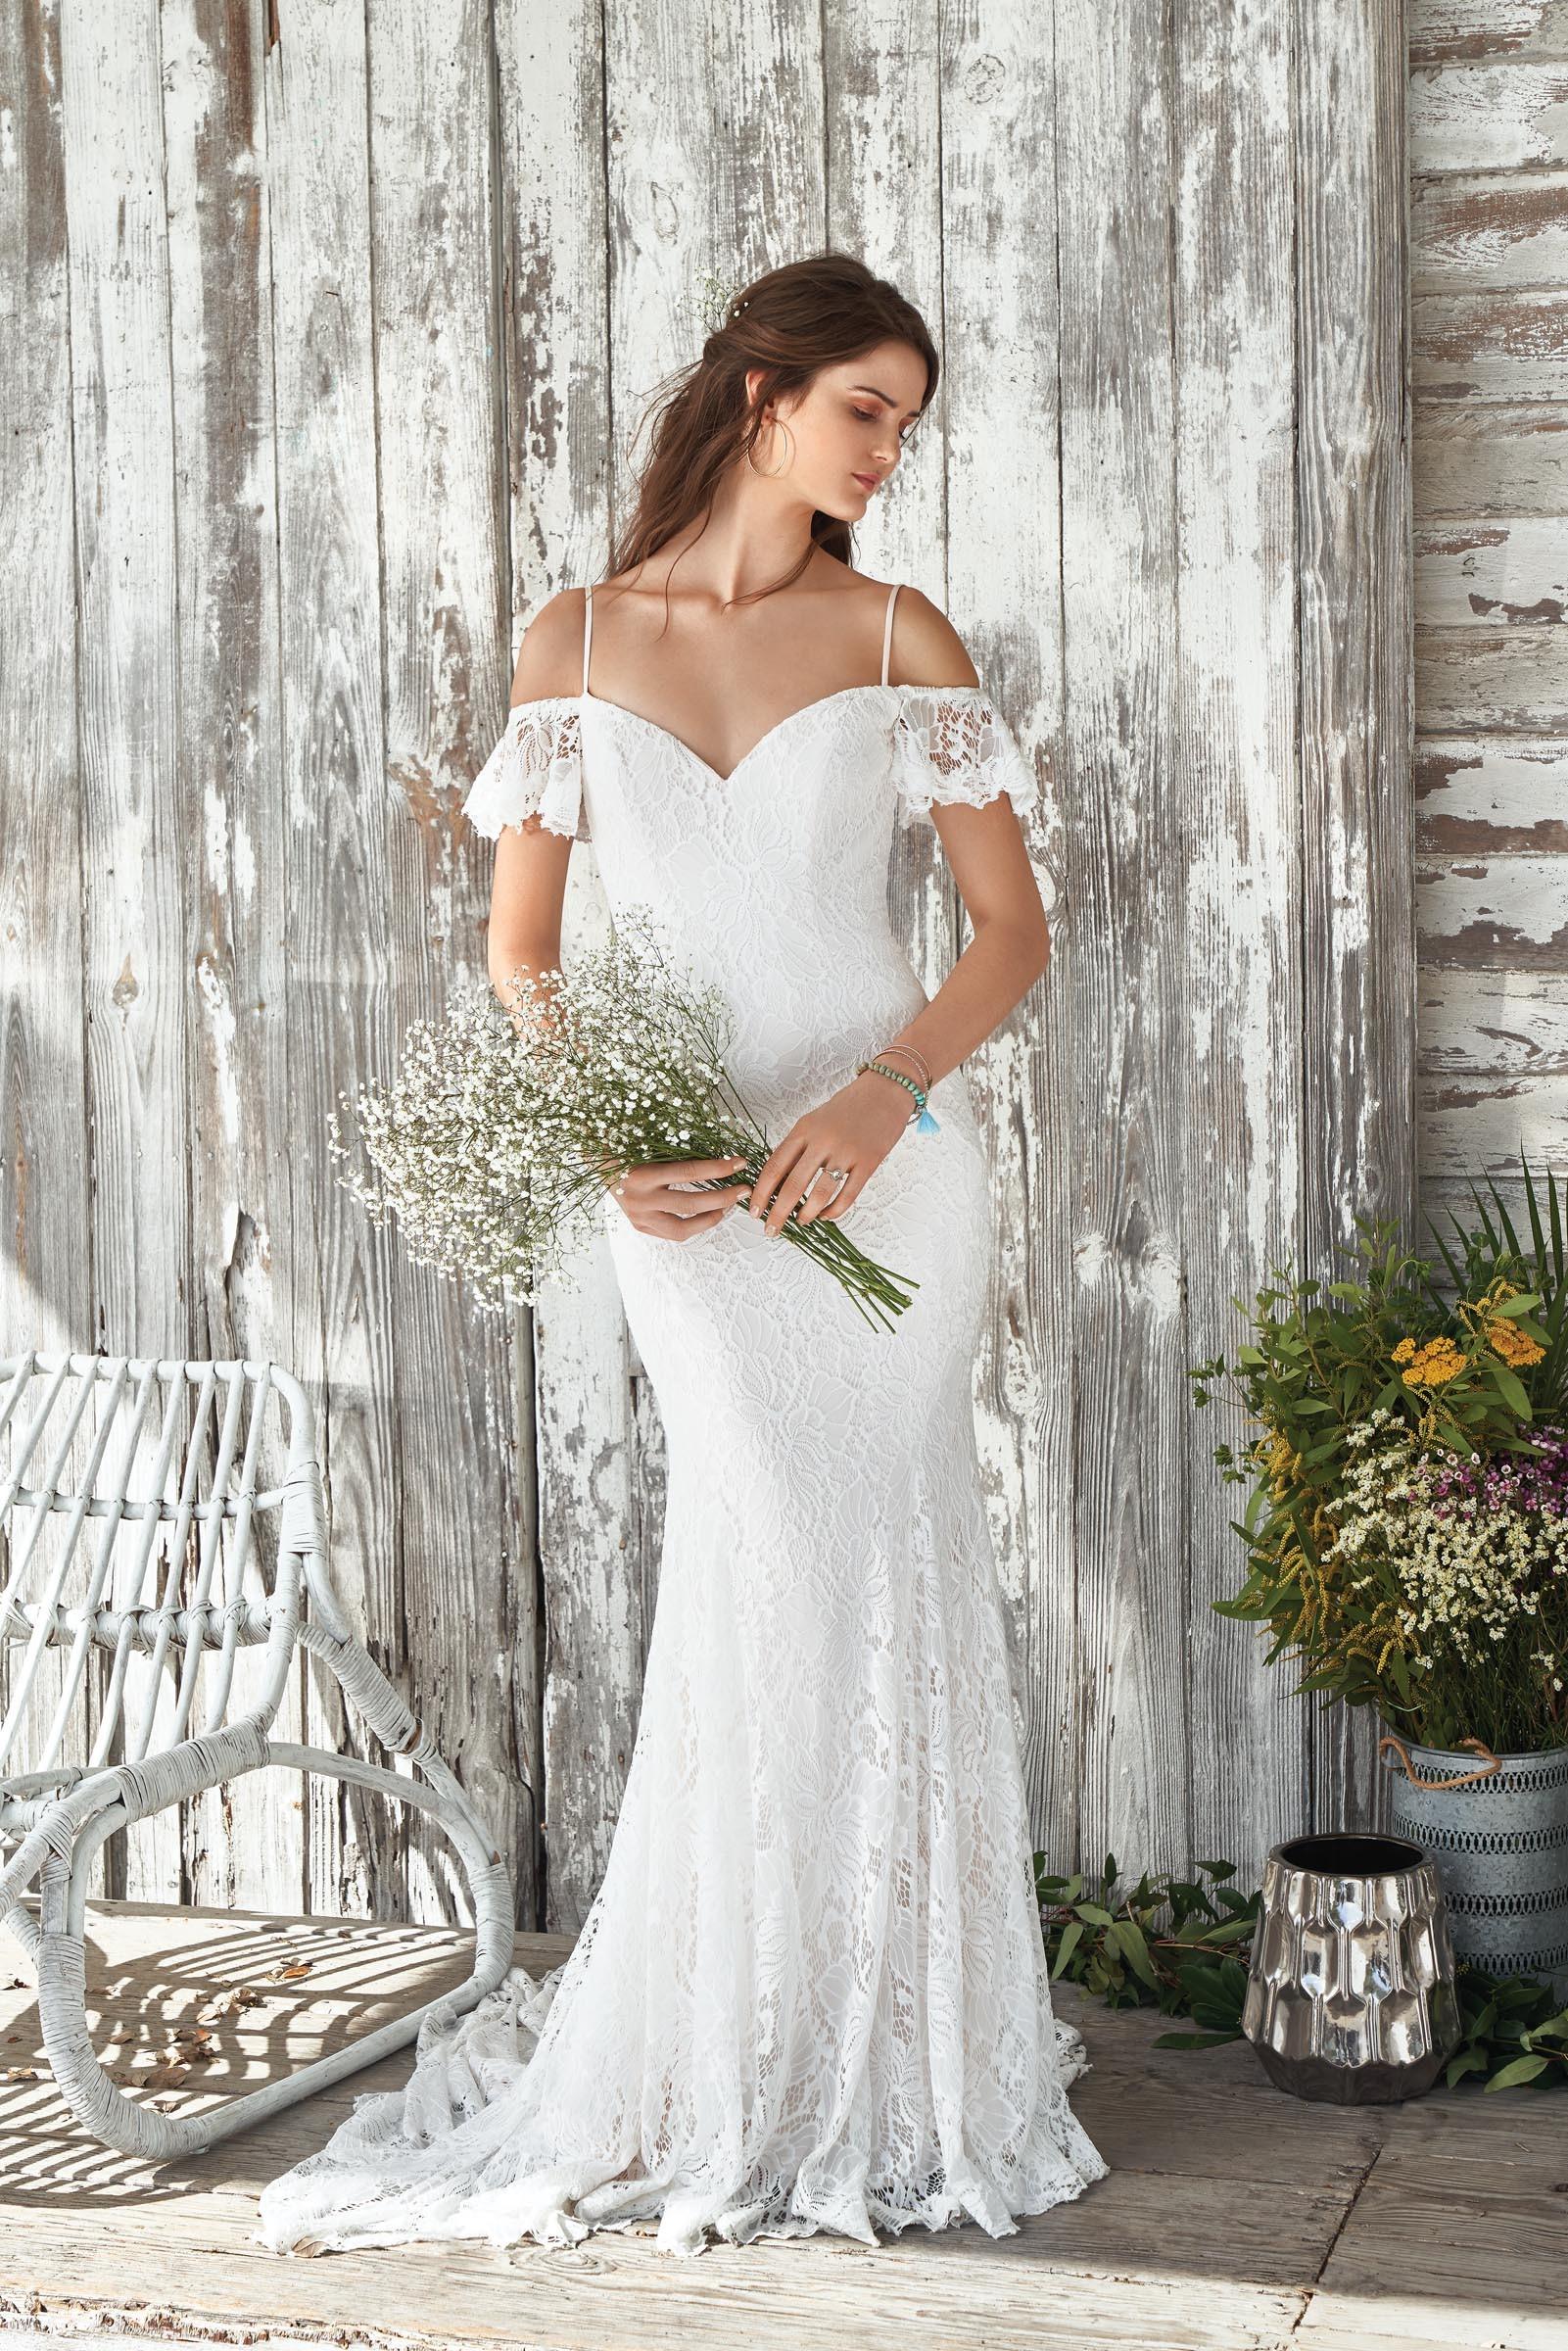 weißes Off-Shoulder Brautkleid aus Spitze mit Spaghettiträger von Lillian West, Modell 66047